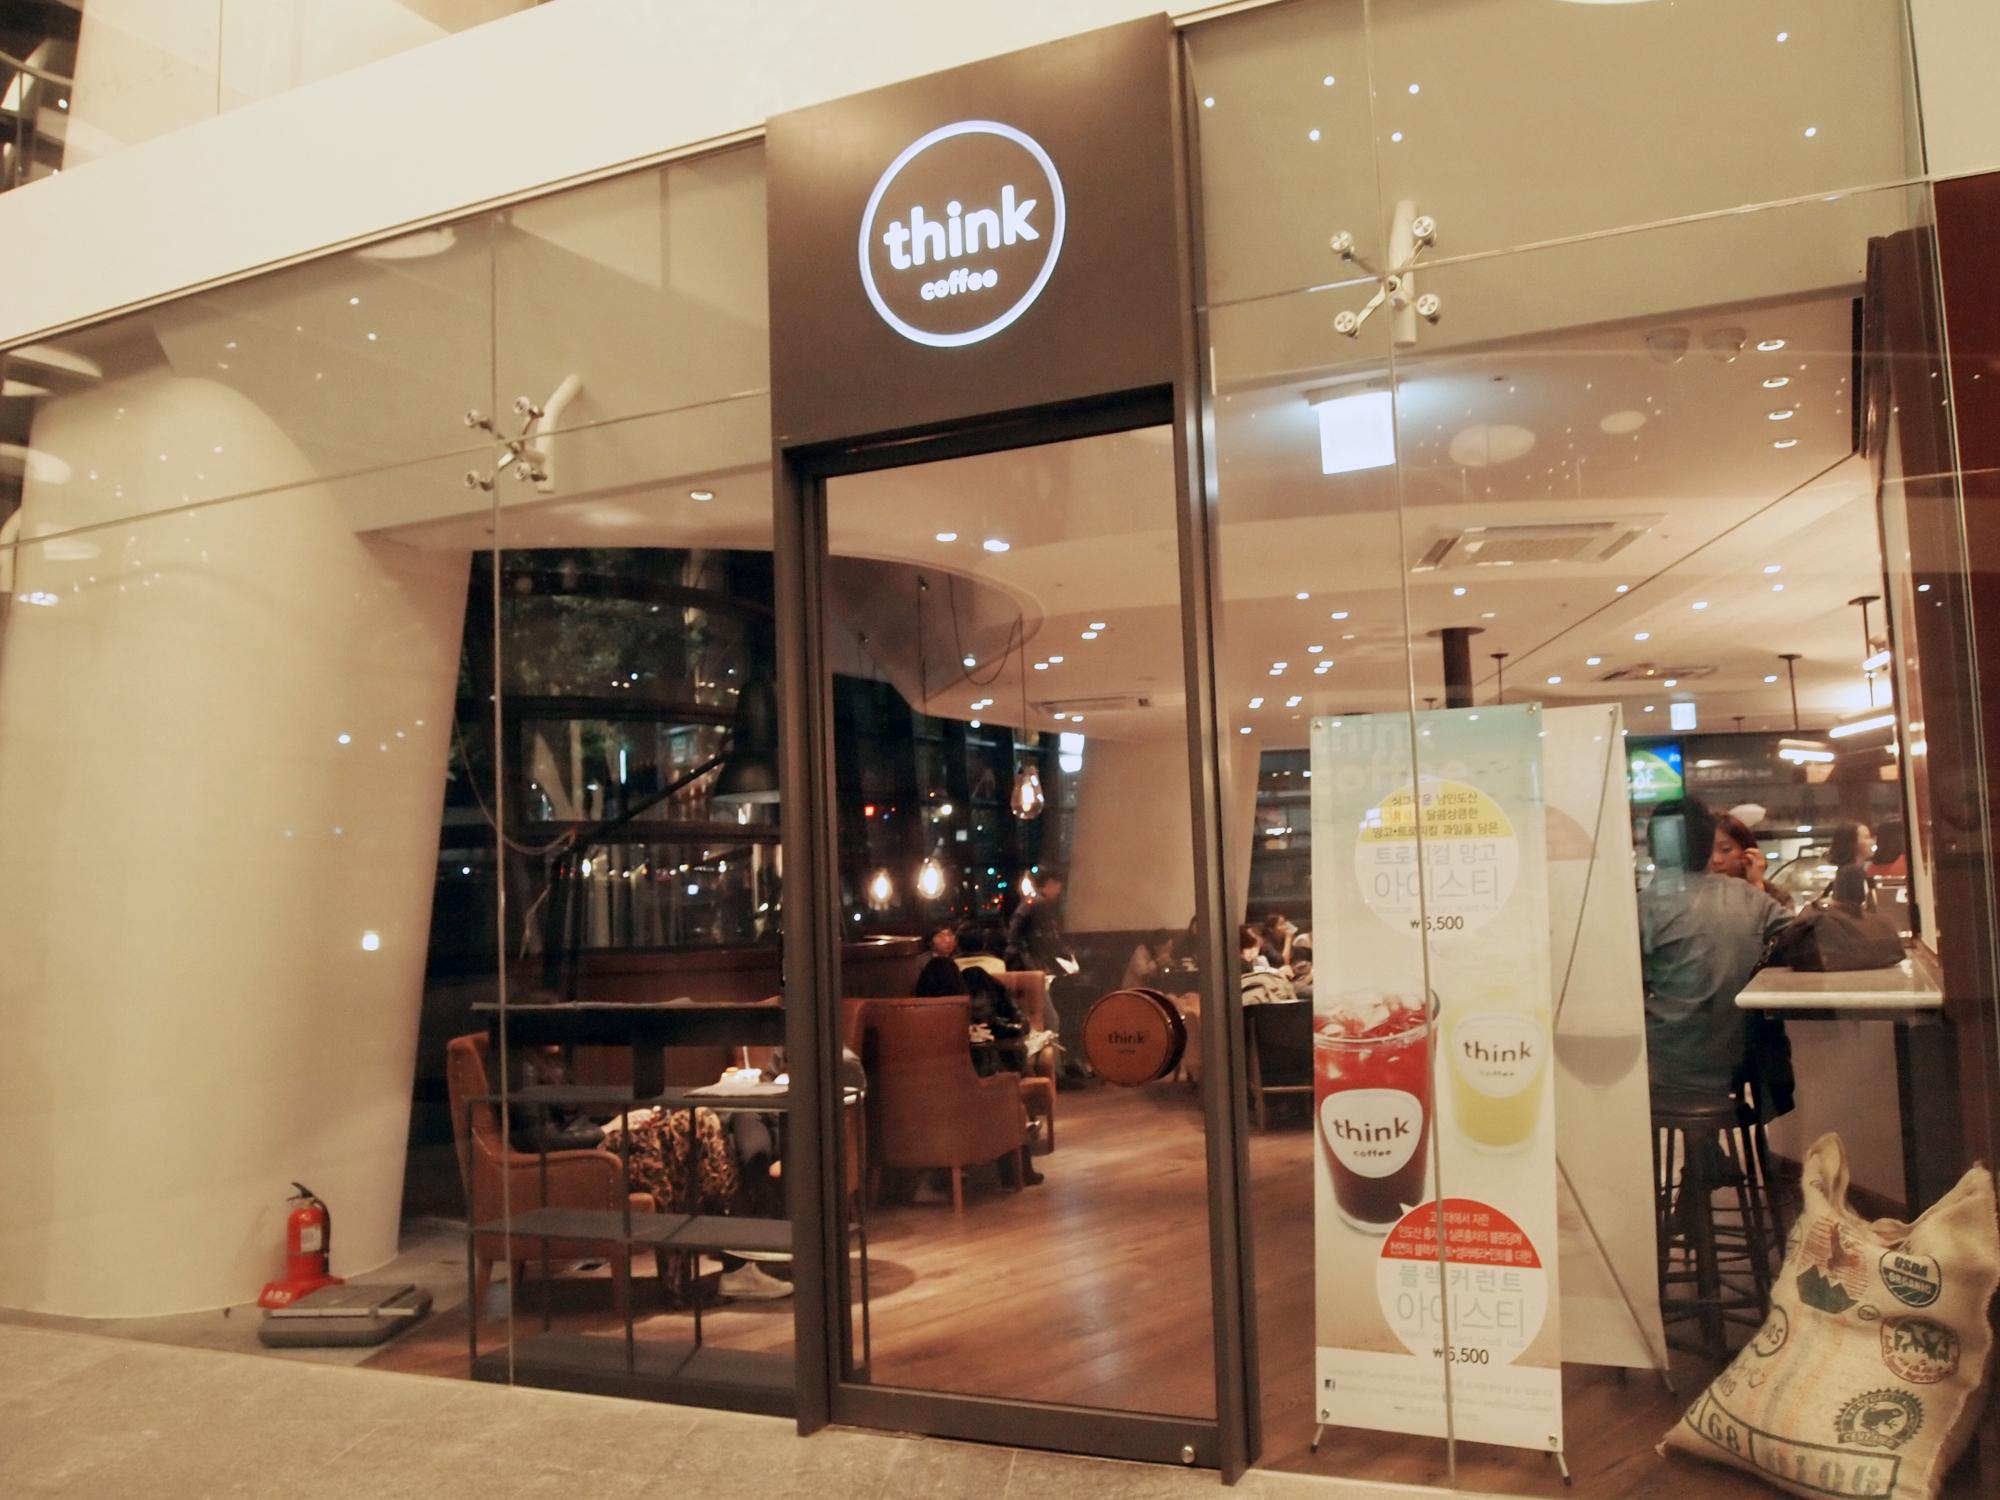 광화문 think coffee.띵크커피:/카푸치노 캐롯케..